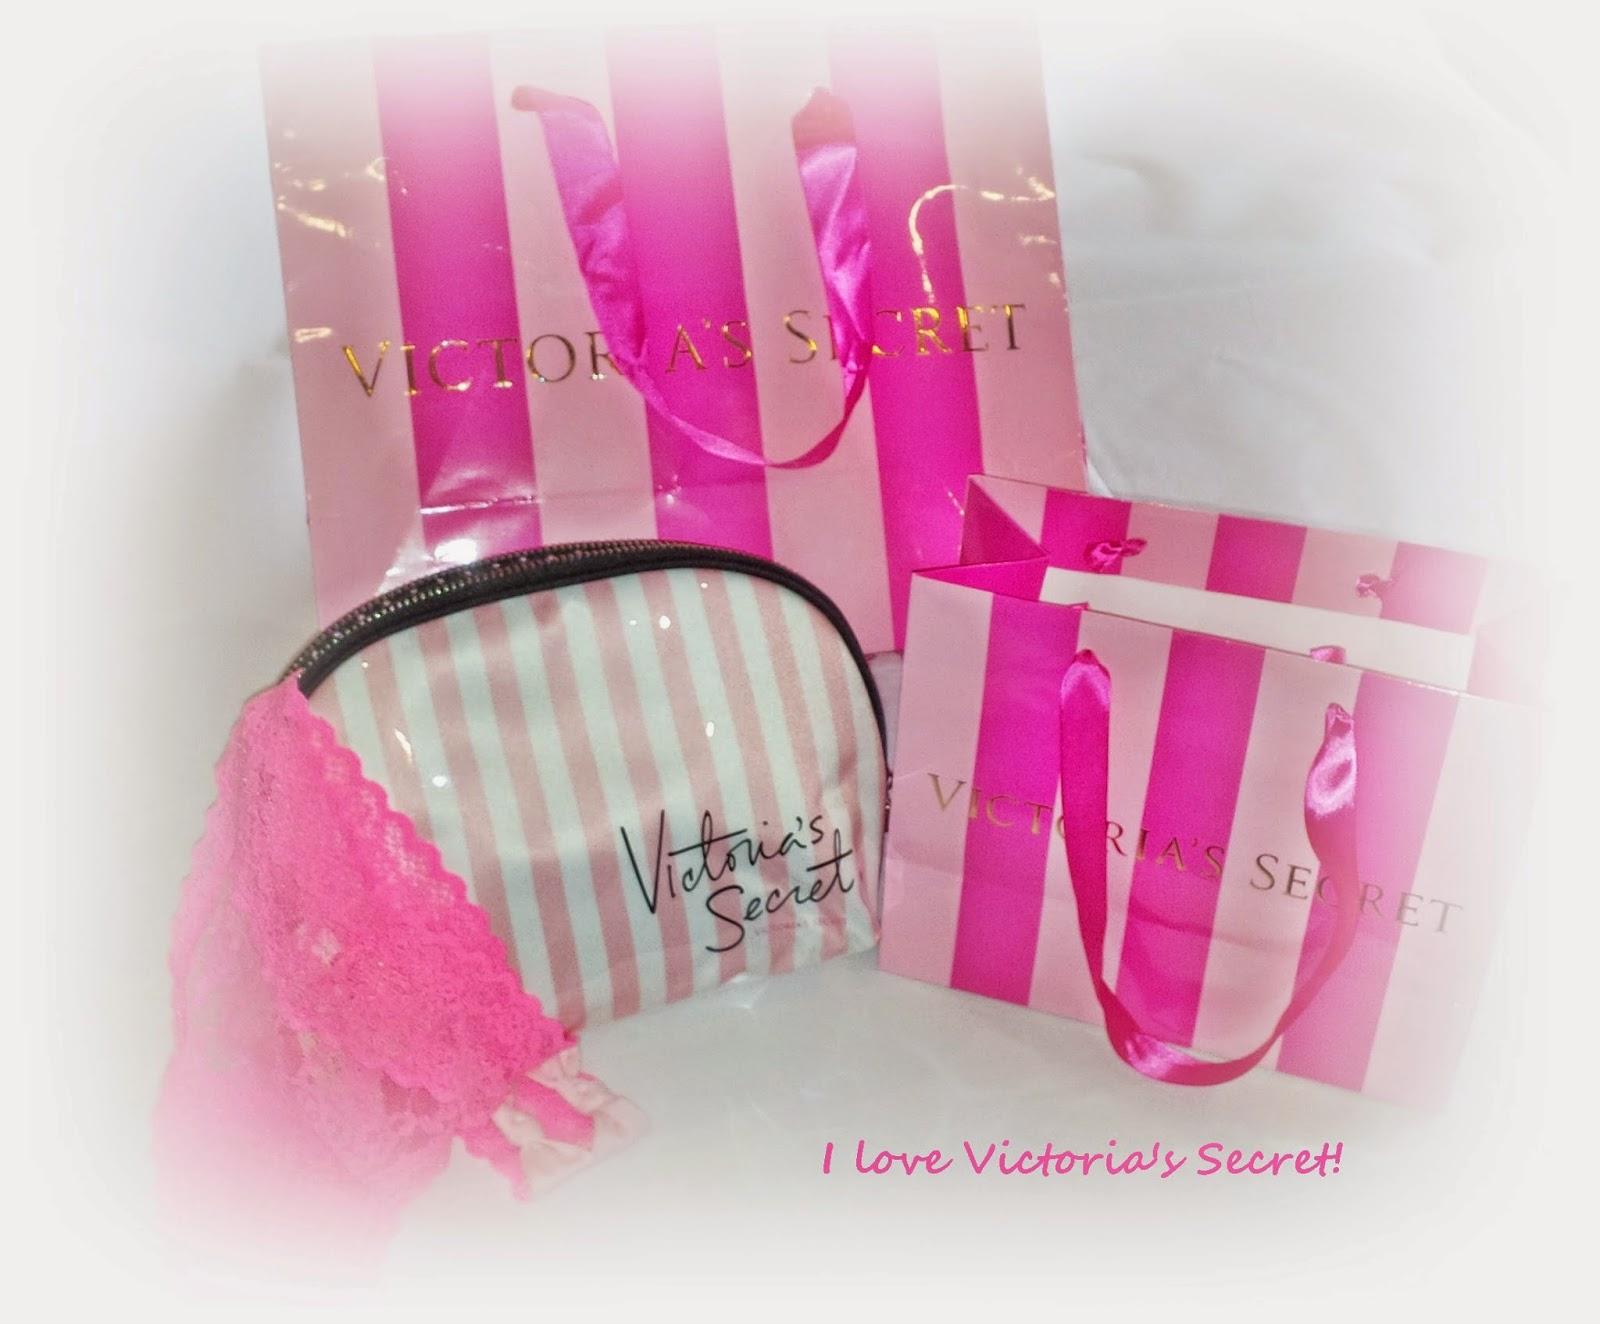 Victoria's Secret; presentes; lingerie; raviolicomqueijo